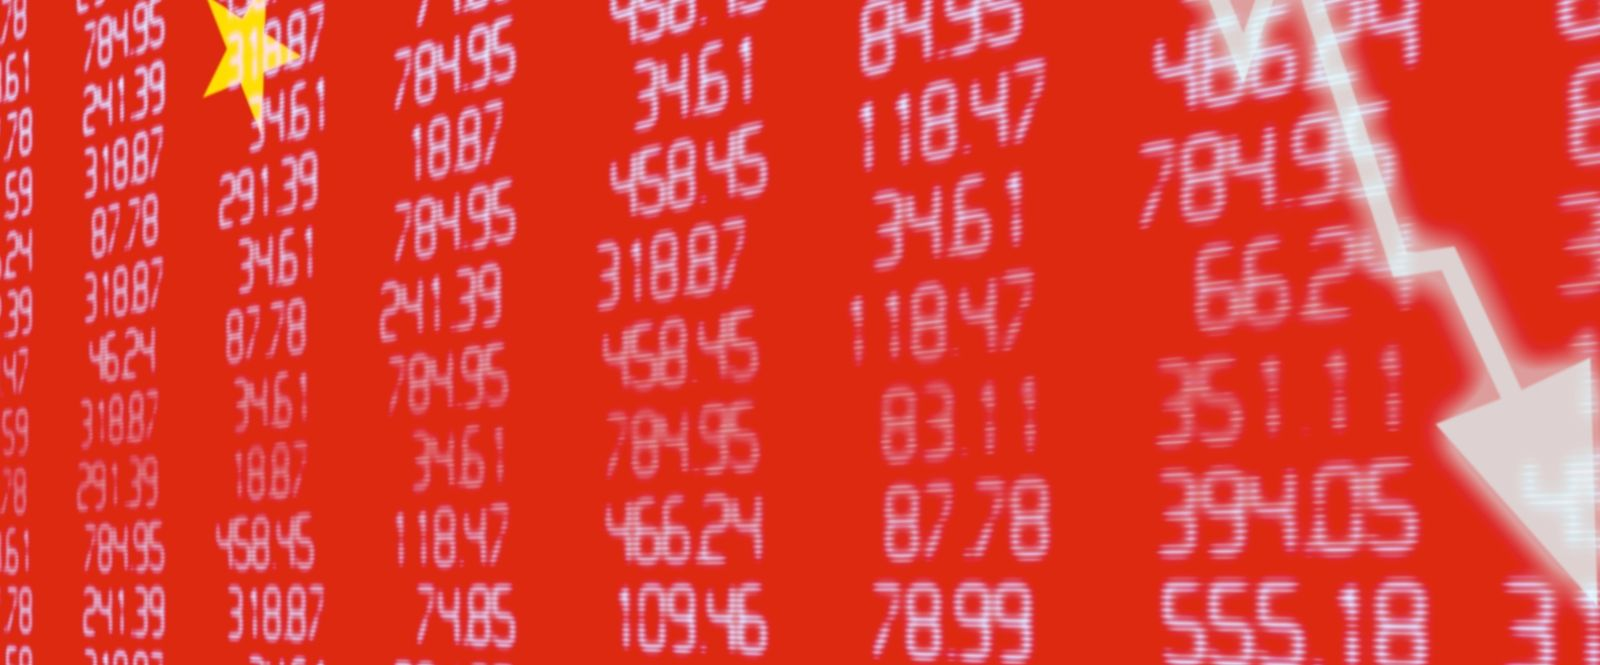 Gli investitori globali continuano a scommettere sugli asset cinesi